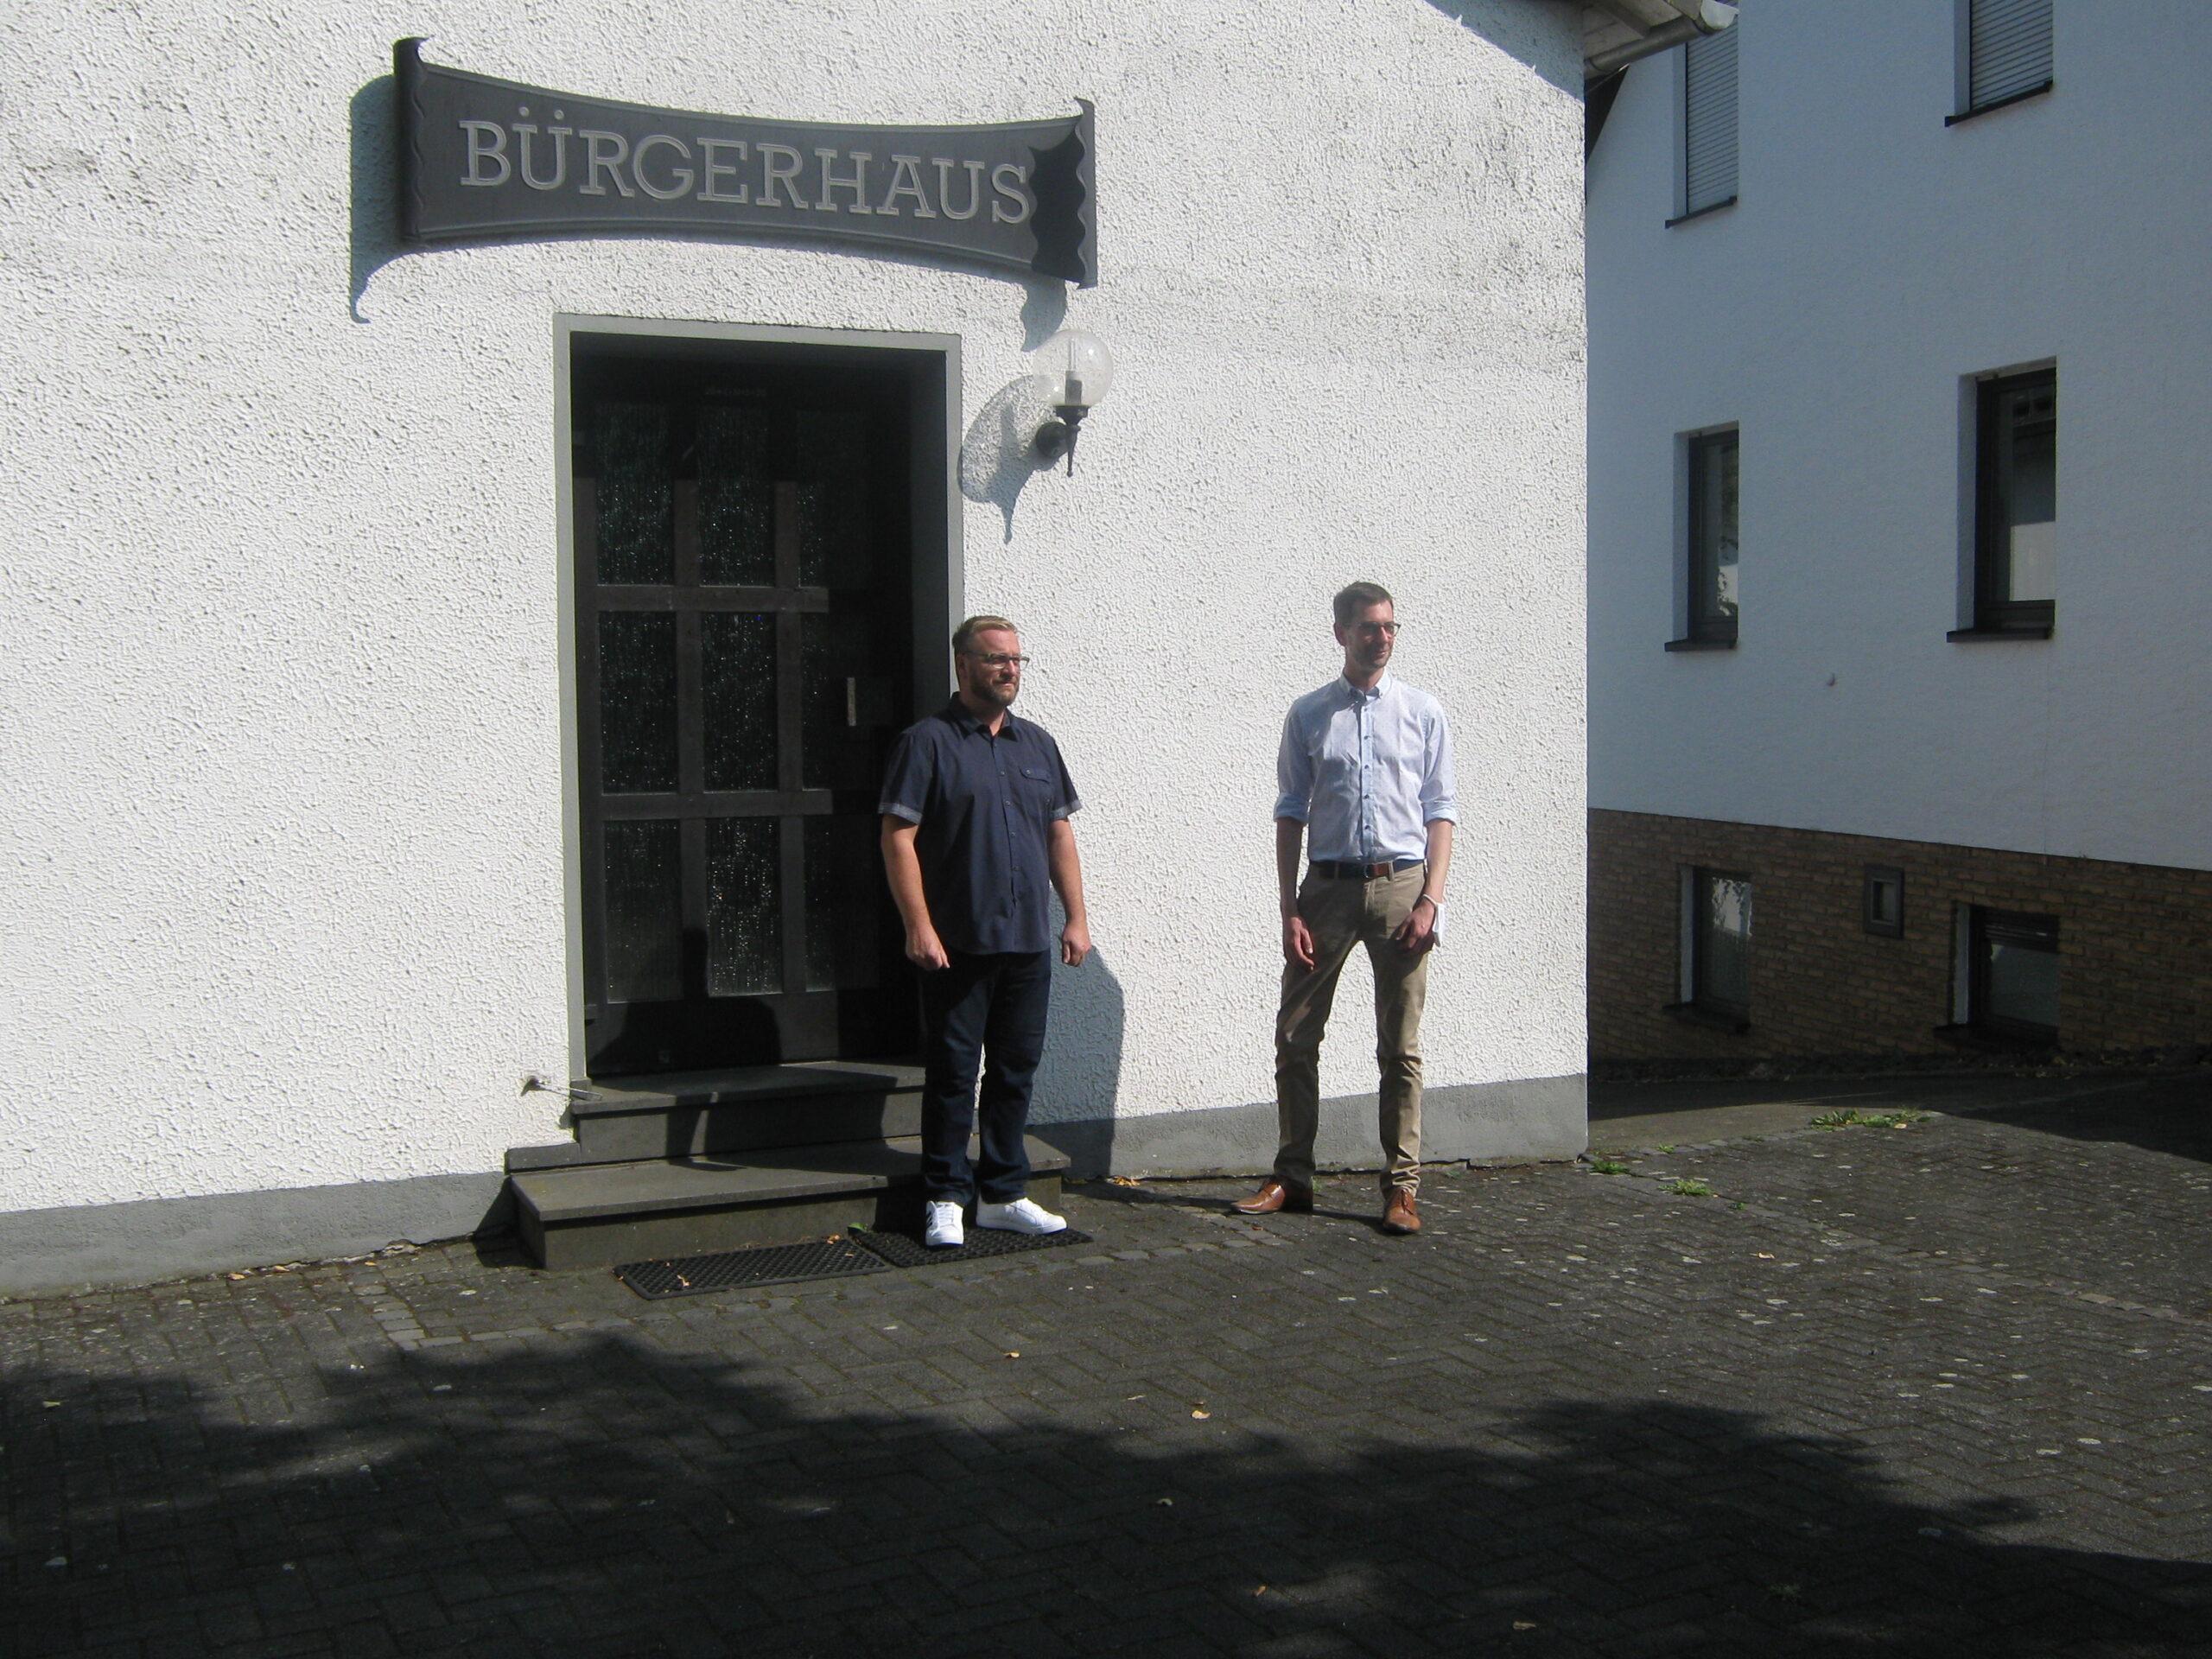 Jens Jenssen mit Bürgermeister Göbel vorm Gemeindehaus